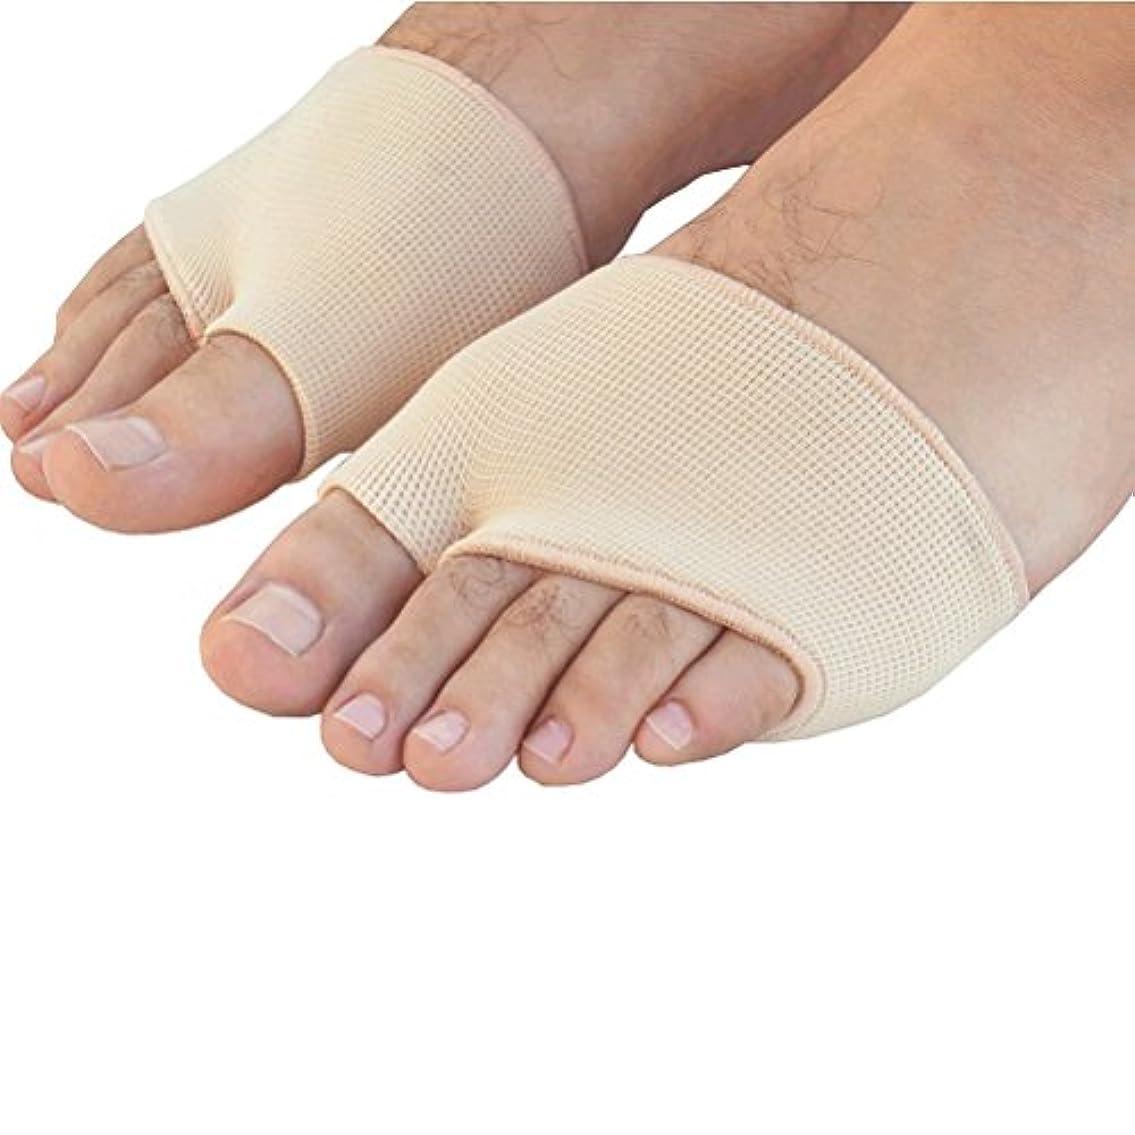 失われたブリークジャーナルROSENICE ゲル前足中足骨の痛み救済吸収クッション パッド 足底筋膜炎インソール 衝撃吸収 サイズS(肌の色)